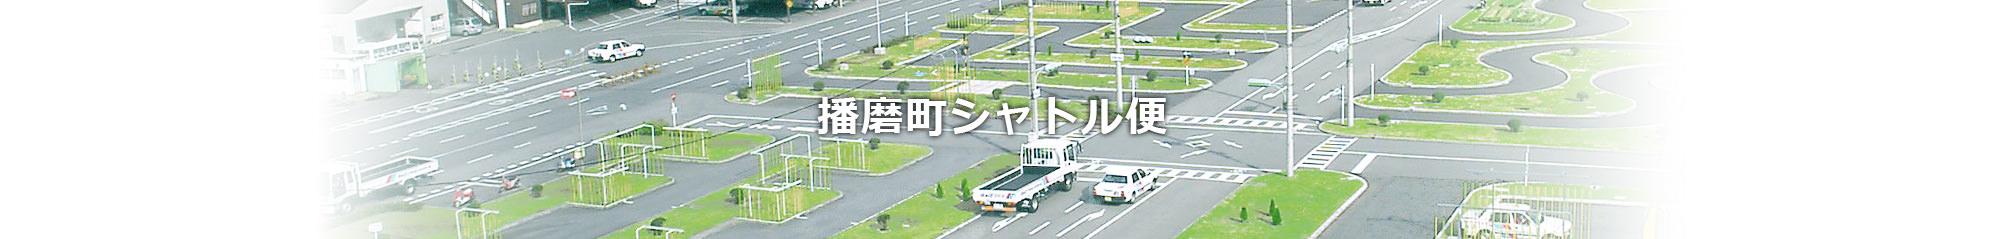 播磨町シャトル便